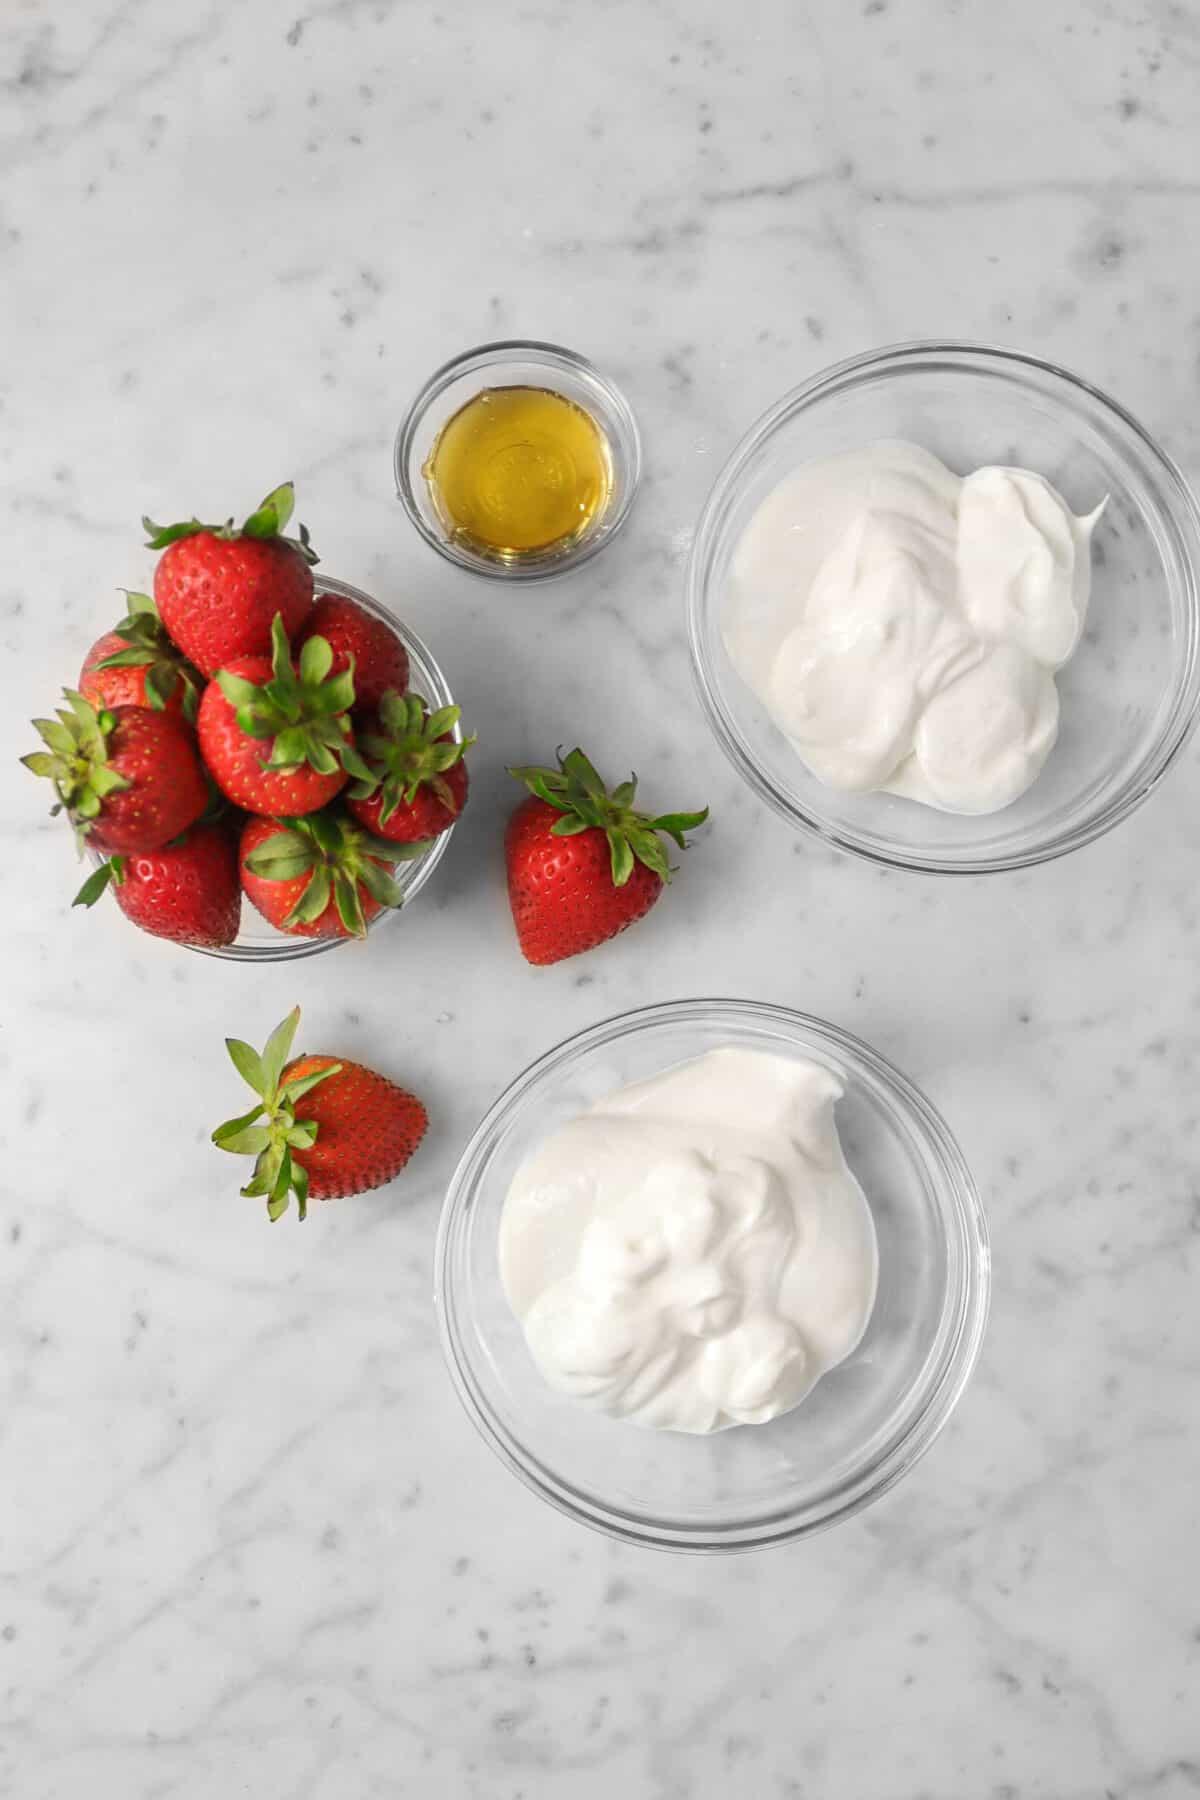 yogurt, strawberries, and honey in glass bowls